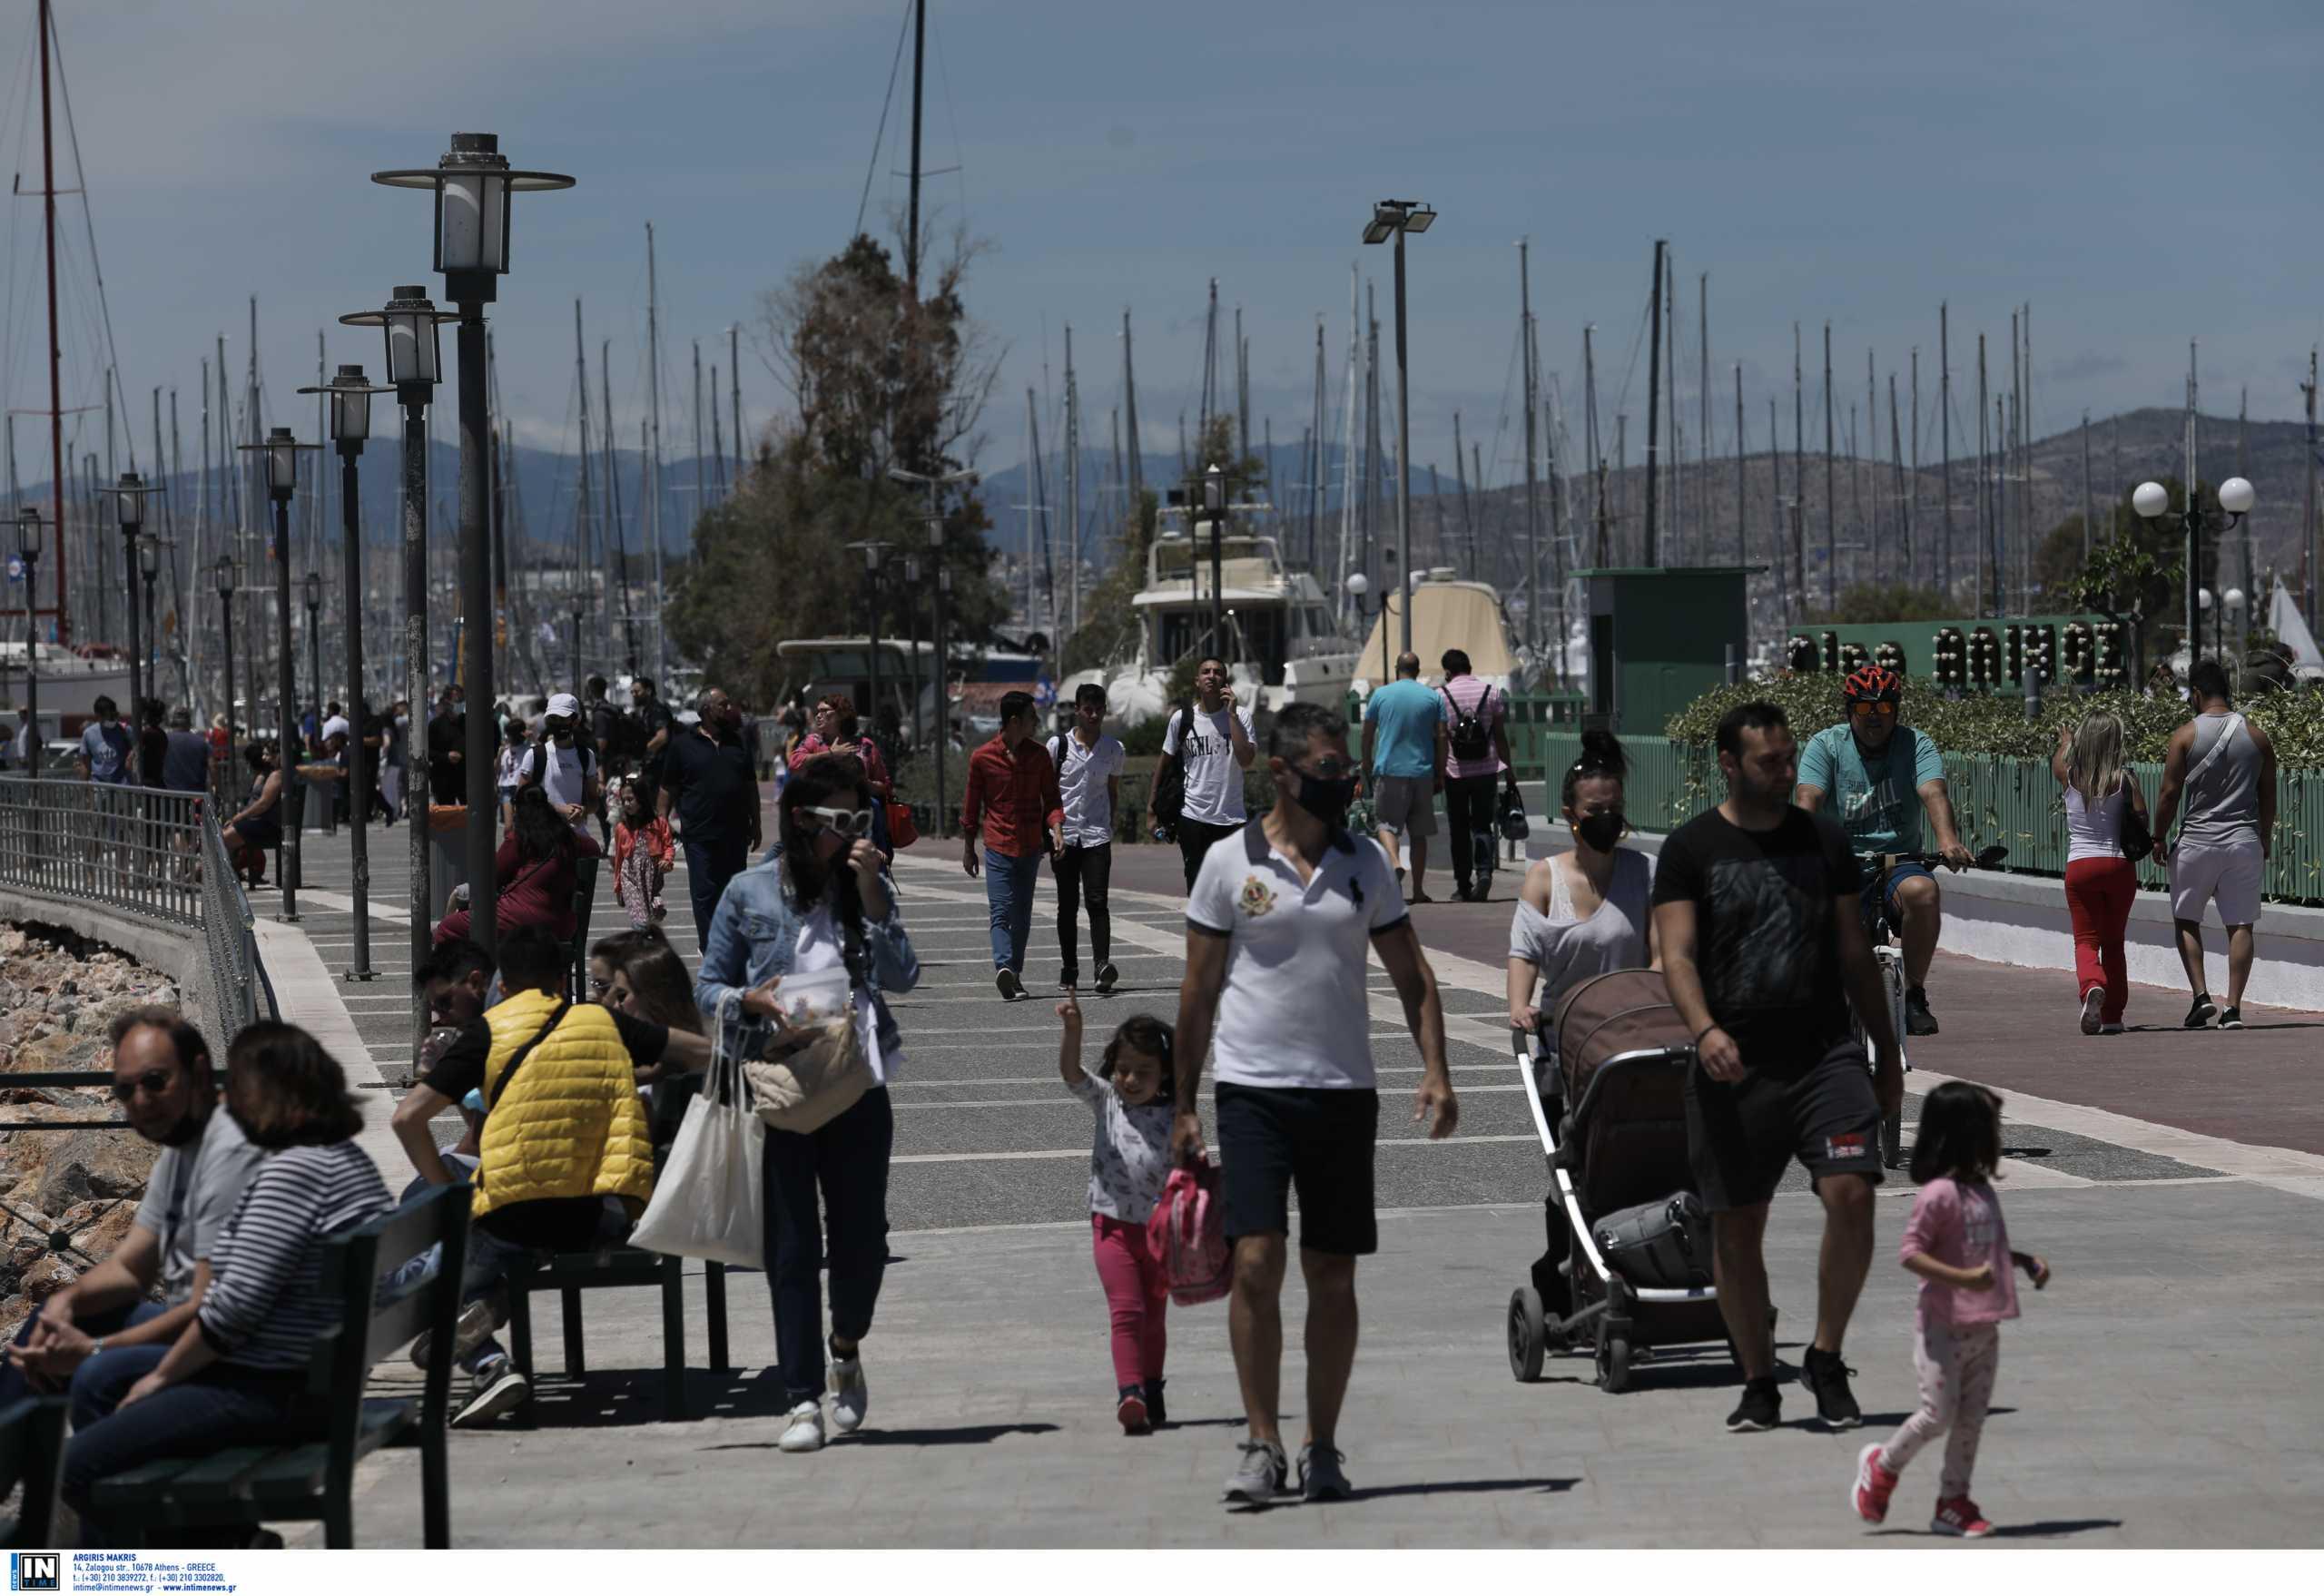 Κορονοϊός: Τα μέτρα που σχεδιάζονται εν όψει της κορύφωσης του τέταρτου κύματος της πανδημίας